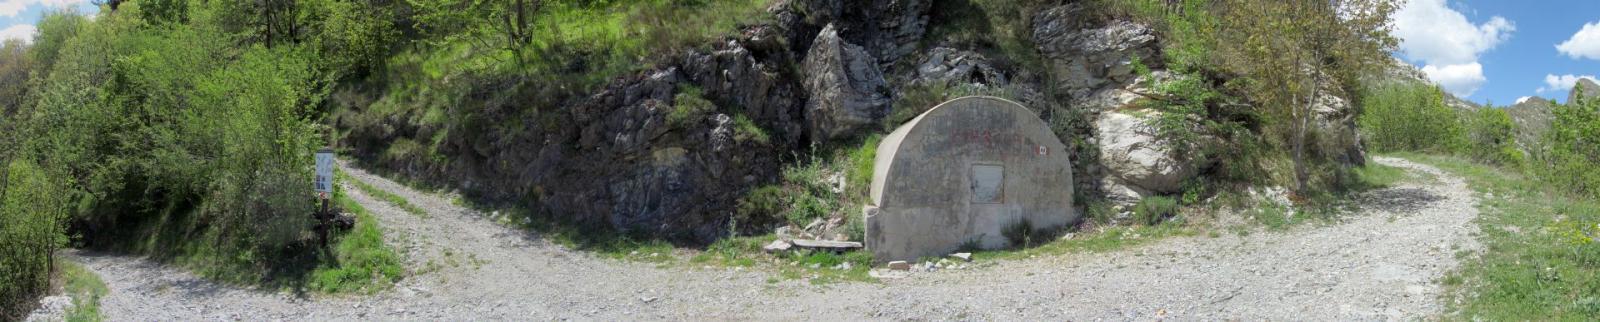 Incrocio: Sulla destra della foto: sinistra per il passo Muratone e a destra per il monte Lega e